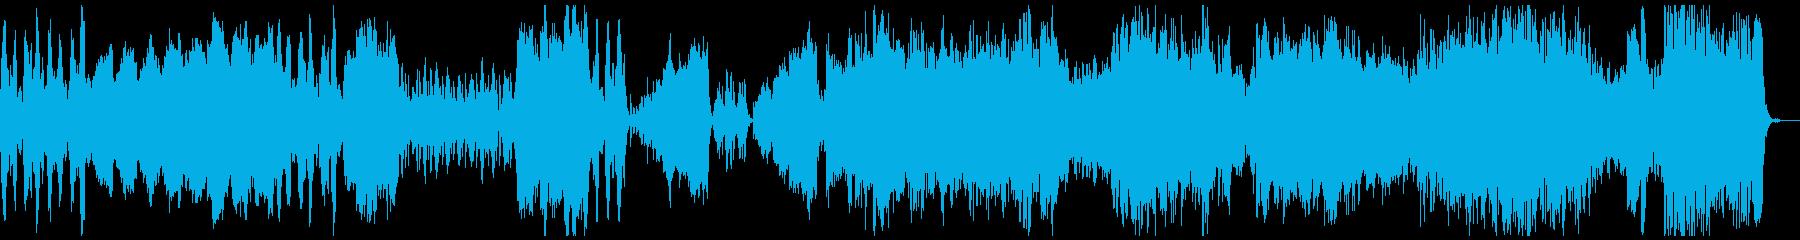 BWV1070/1『ラルゲット』 の再生済みの波形